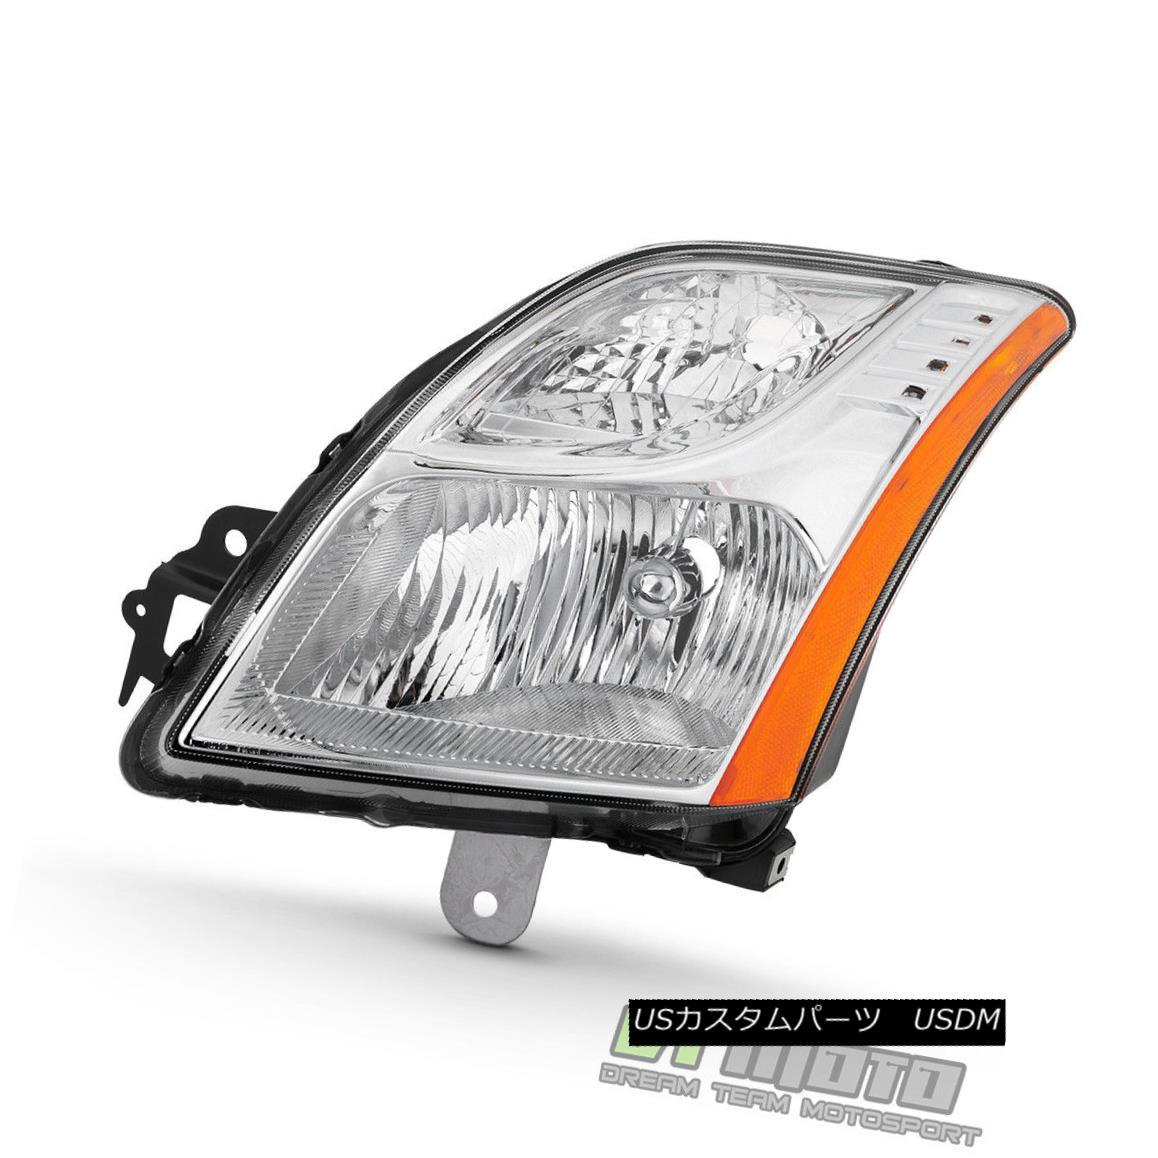 ヘッドライト For 2010-2012 Sentra Base/S/SL 2.0L Headlight Headlamp 10-12 Left Driver Side 2010-2012 Sentra Base / S / SL用2.0Lヘッドライトヘッドランプ10-12左ドライバ側